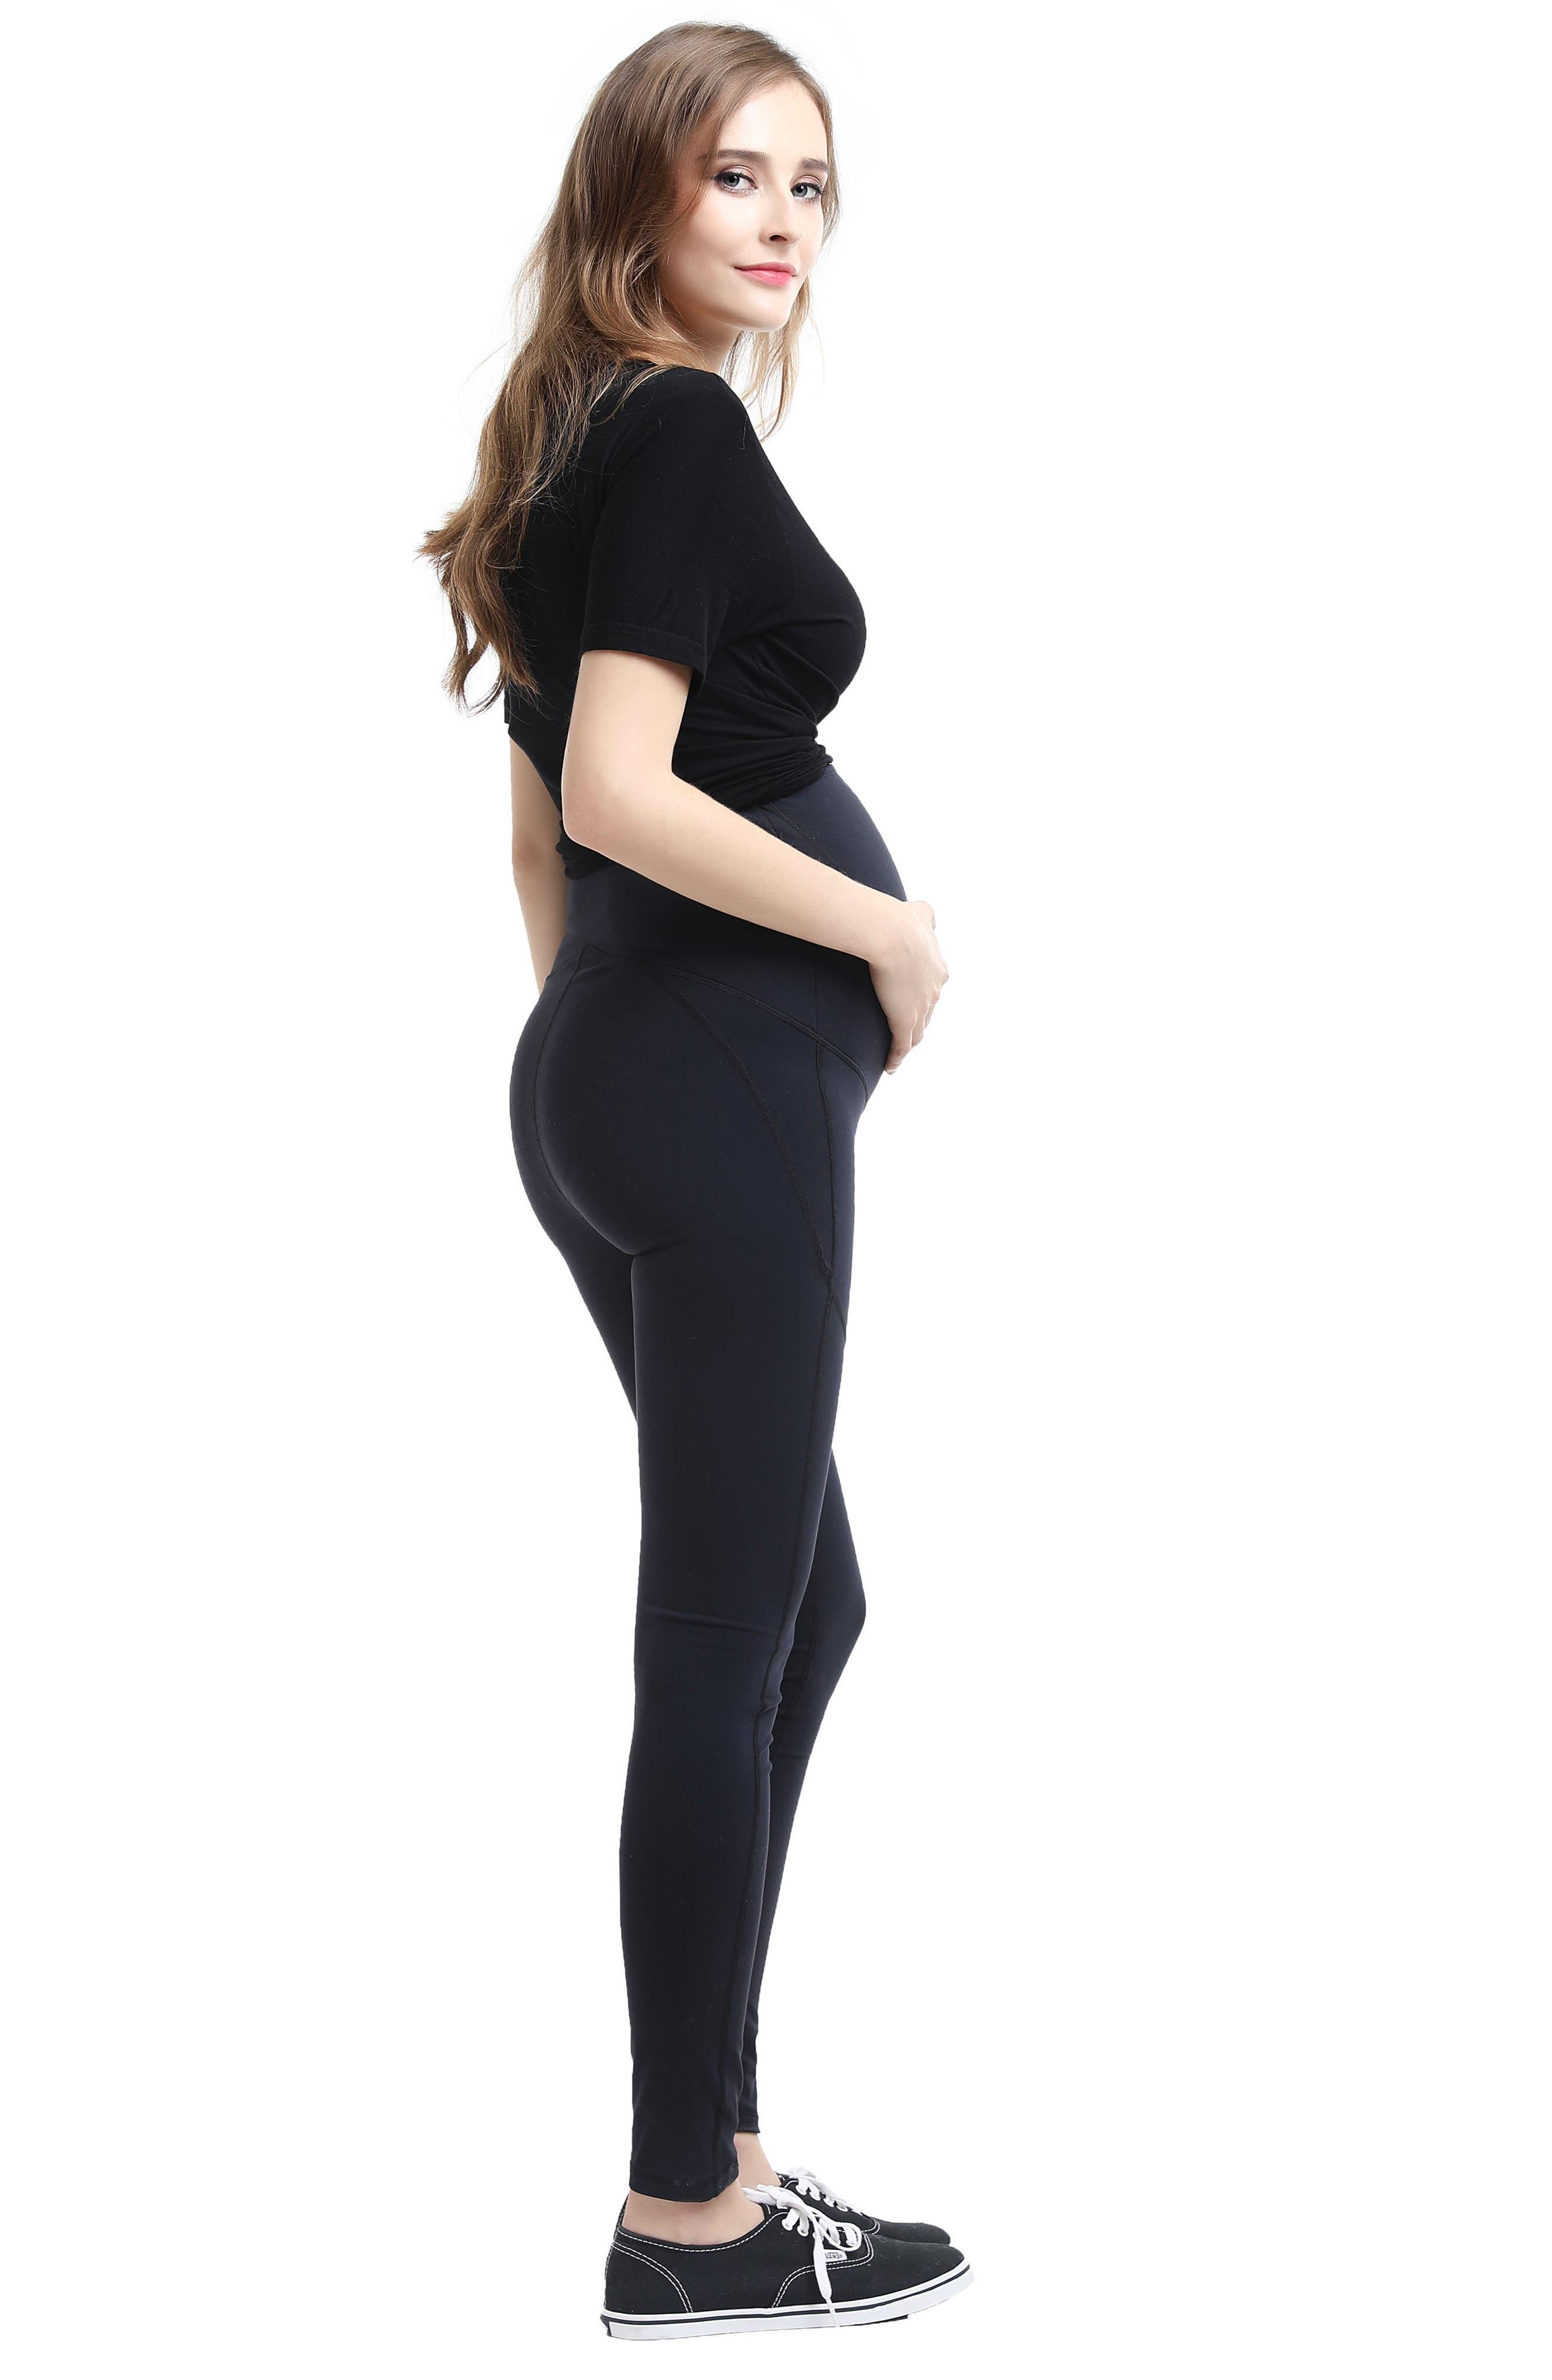 Blair High Performance Full Panel Maternity Leggings,                             Alternate thumbnail 3, color,                             BLACK